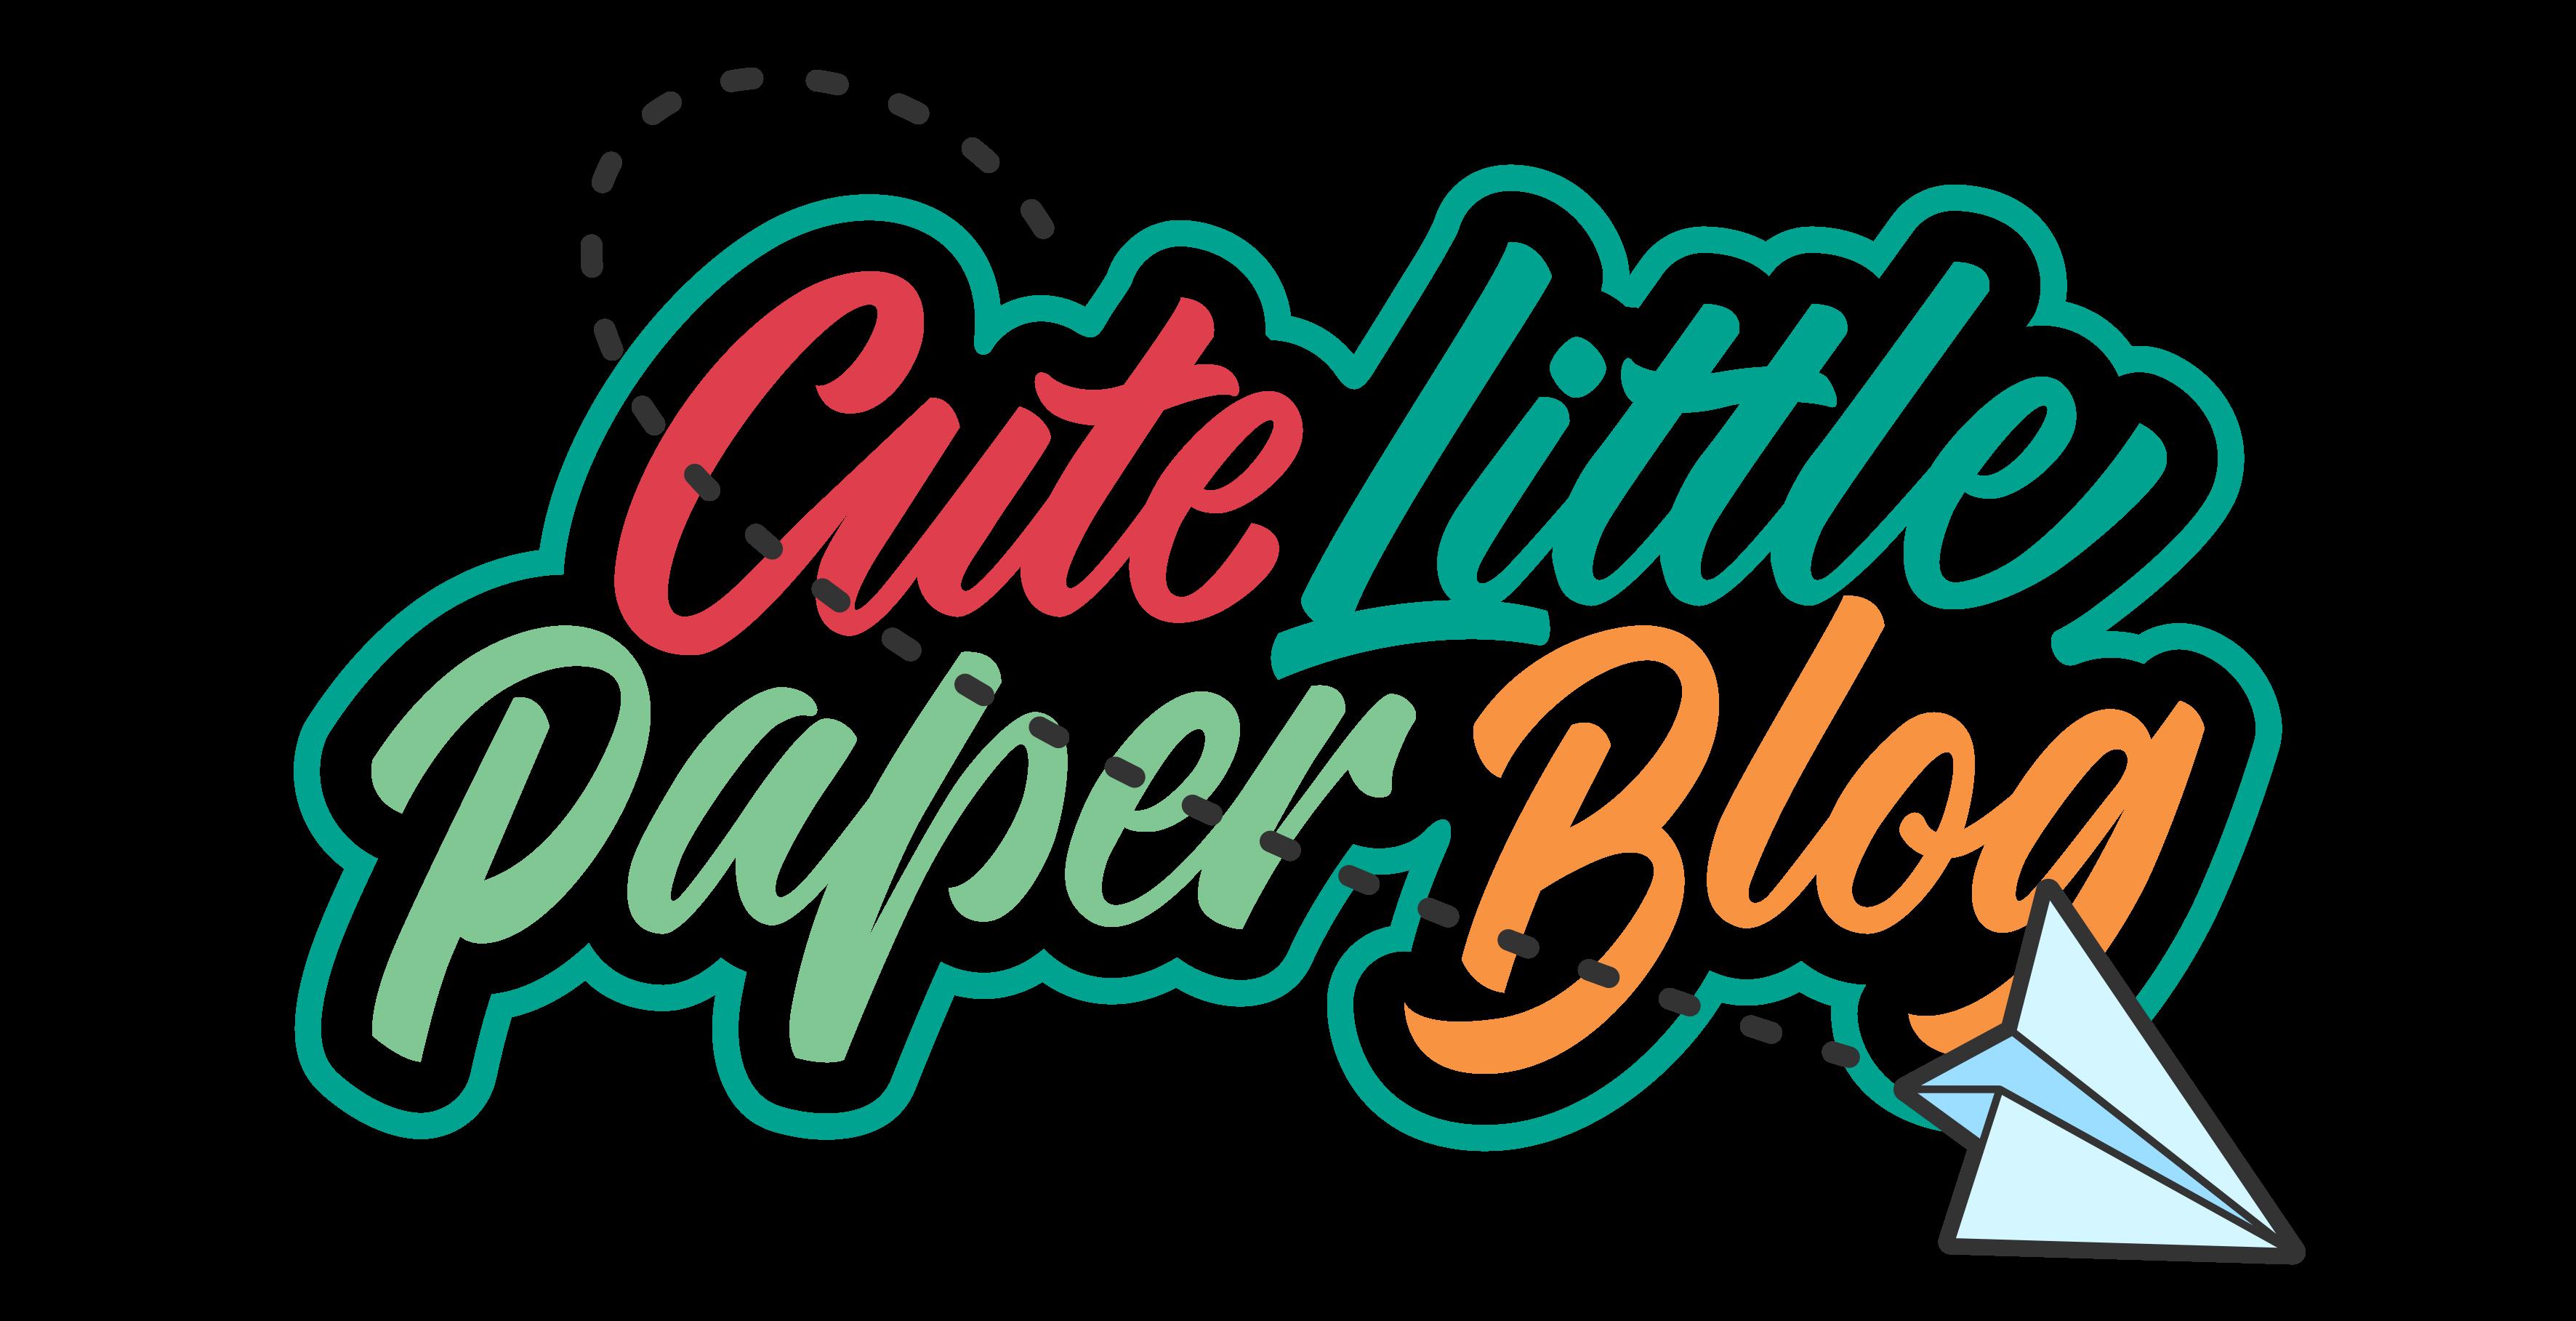 Cute Little Paper Blog